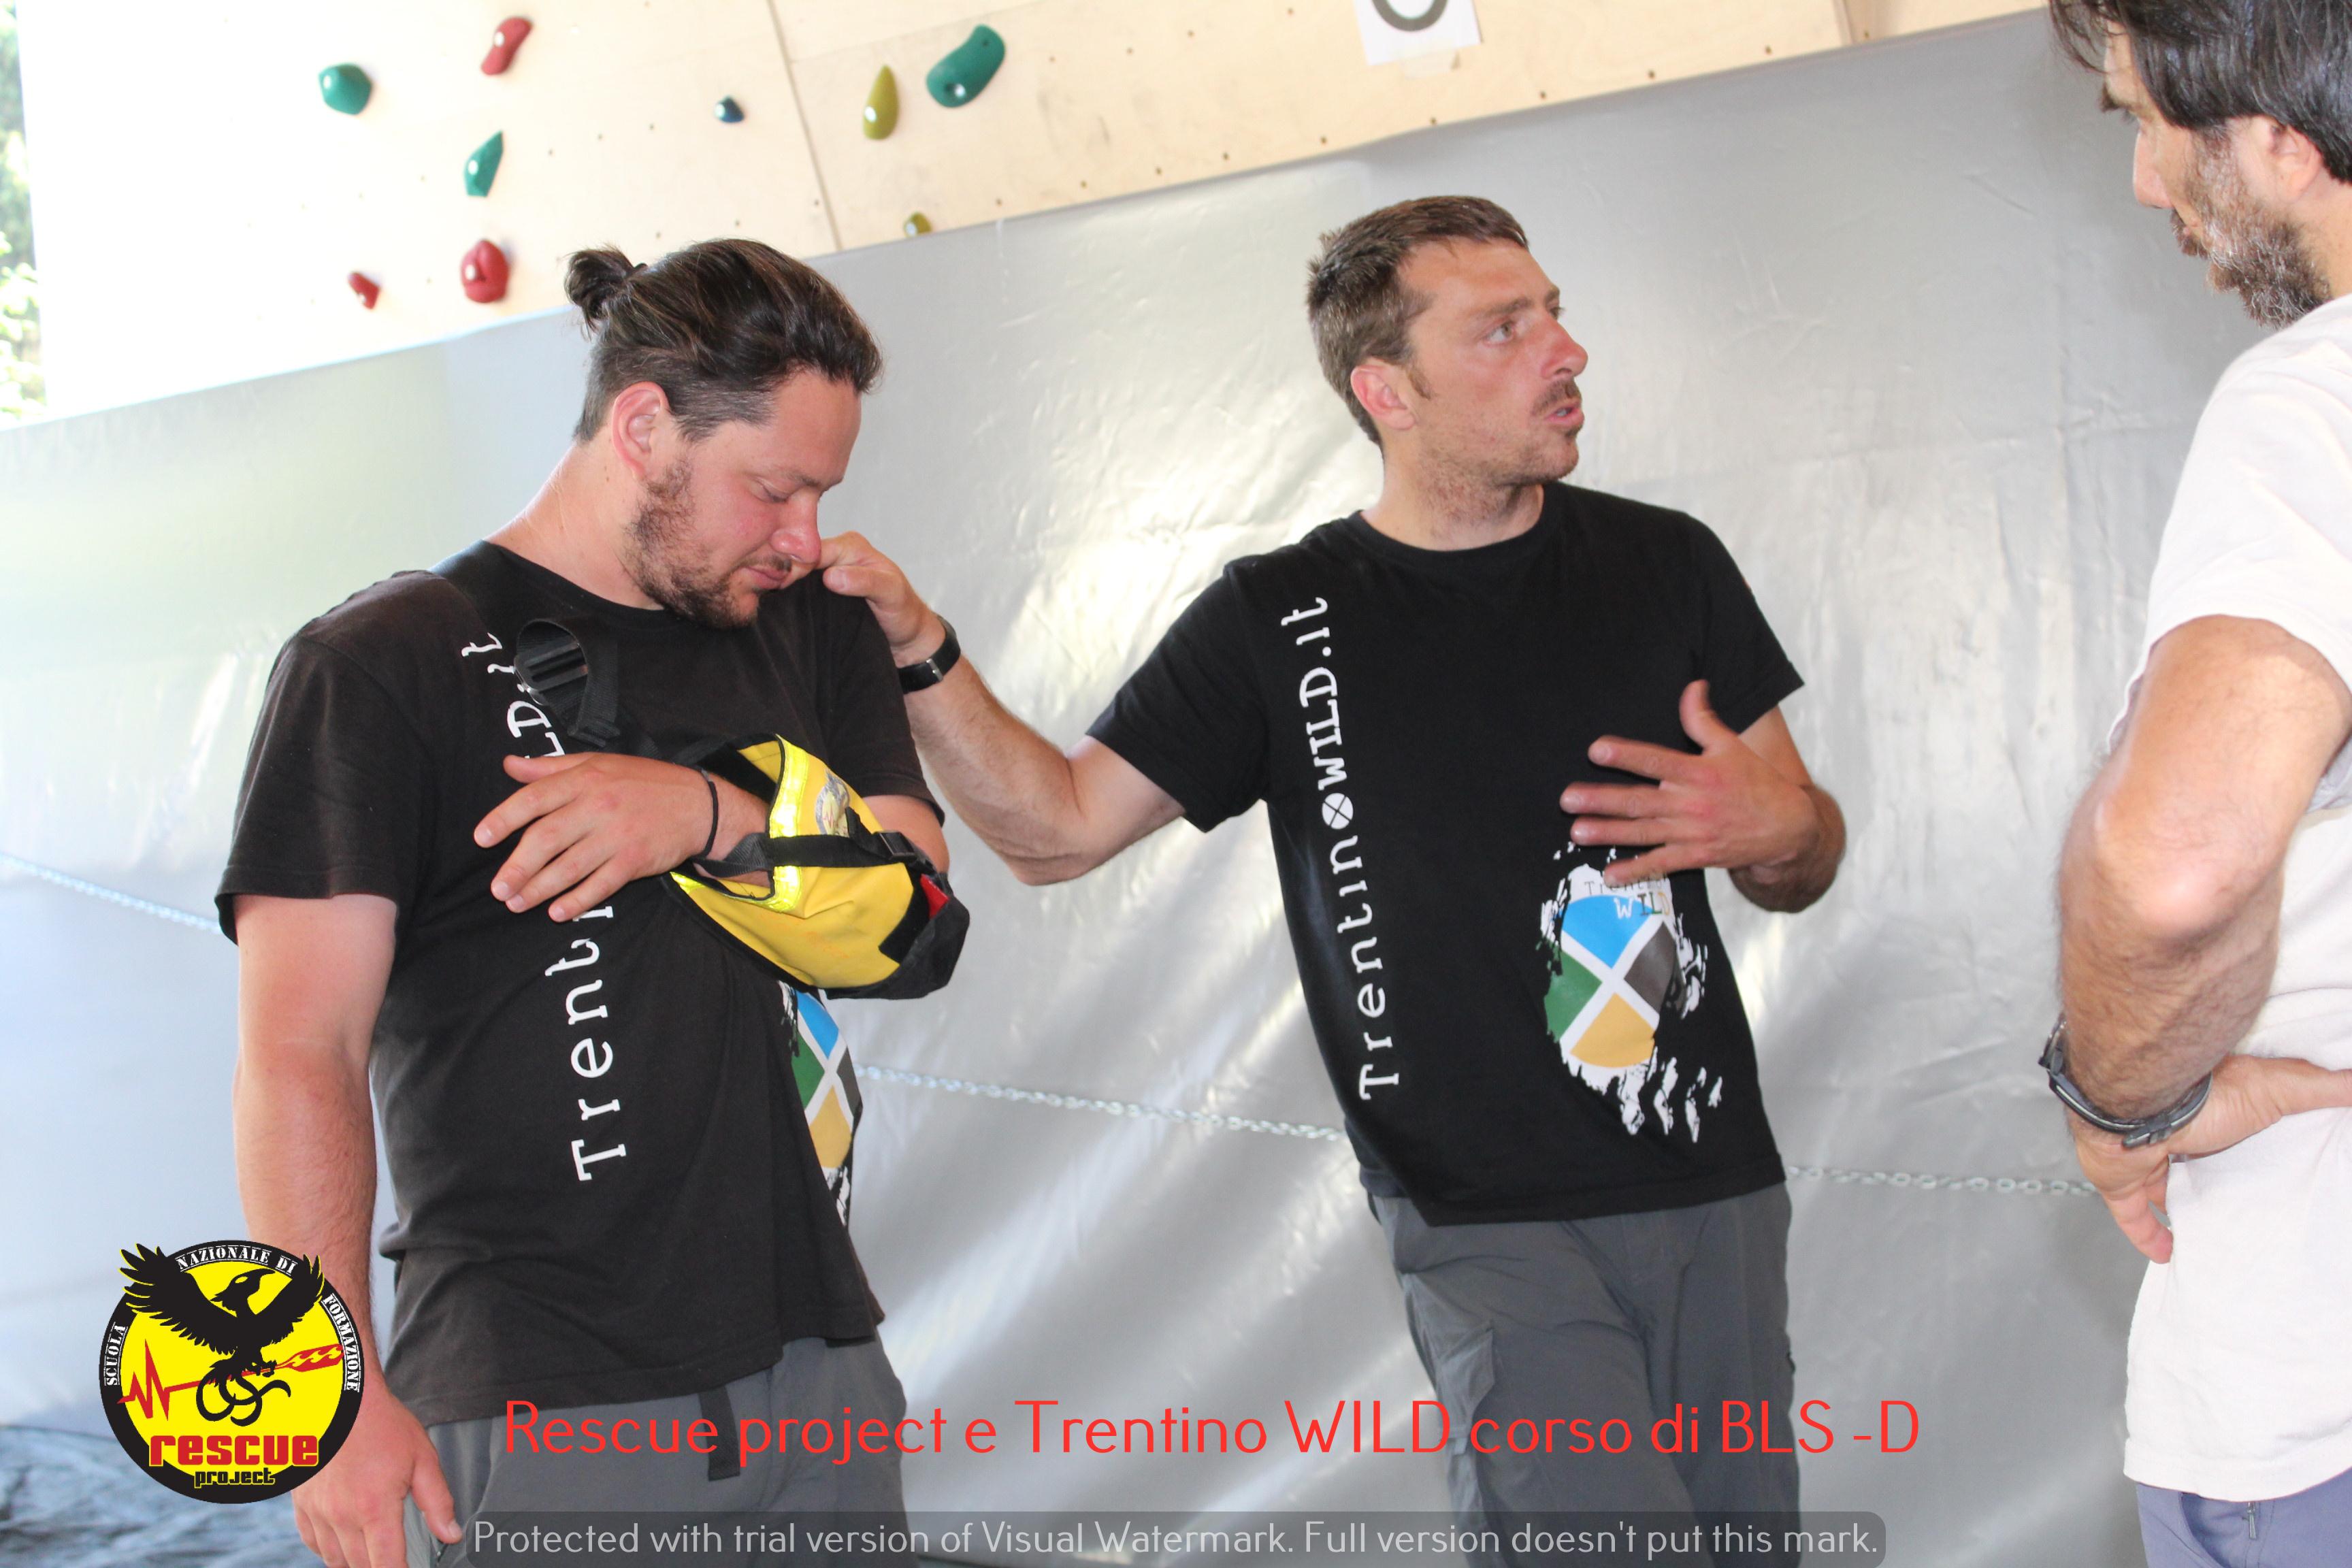 Soccorso fluviale BLS-D con rescue project e TrentinoWILD